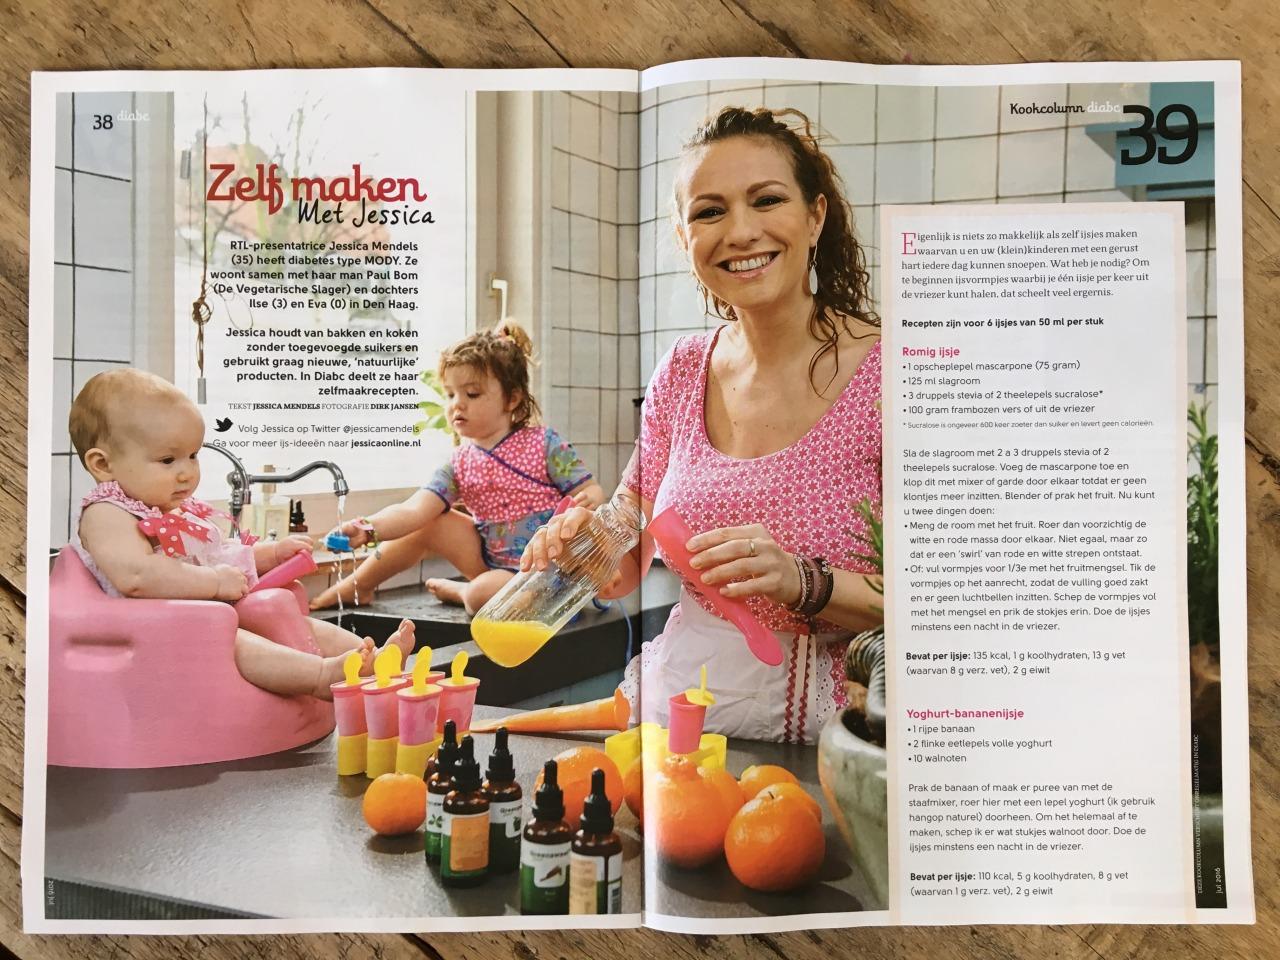 publicatie DIABC JessicaOnline.nl